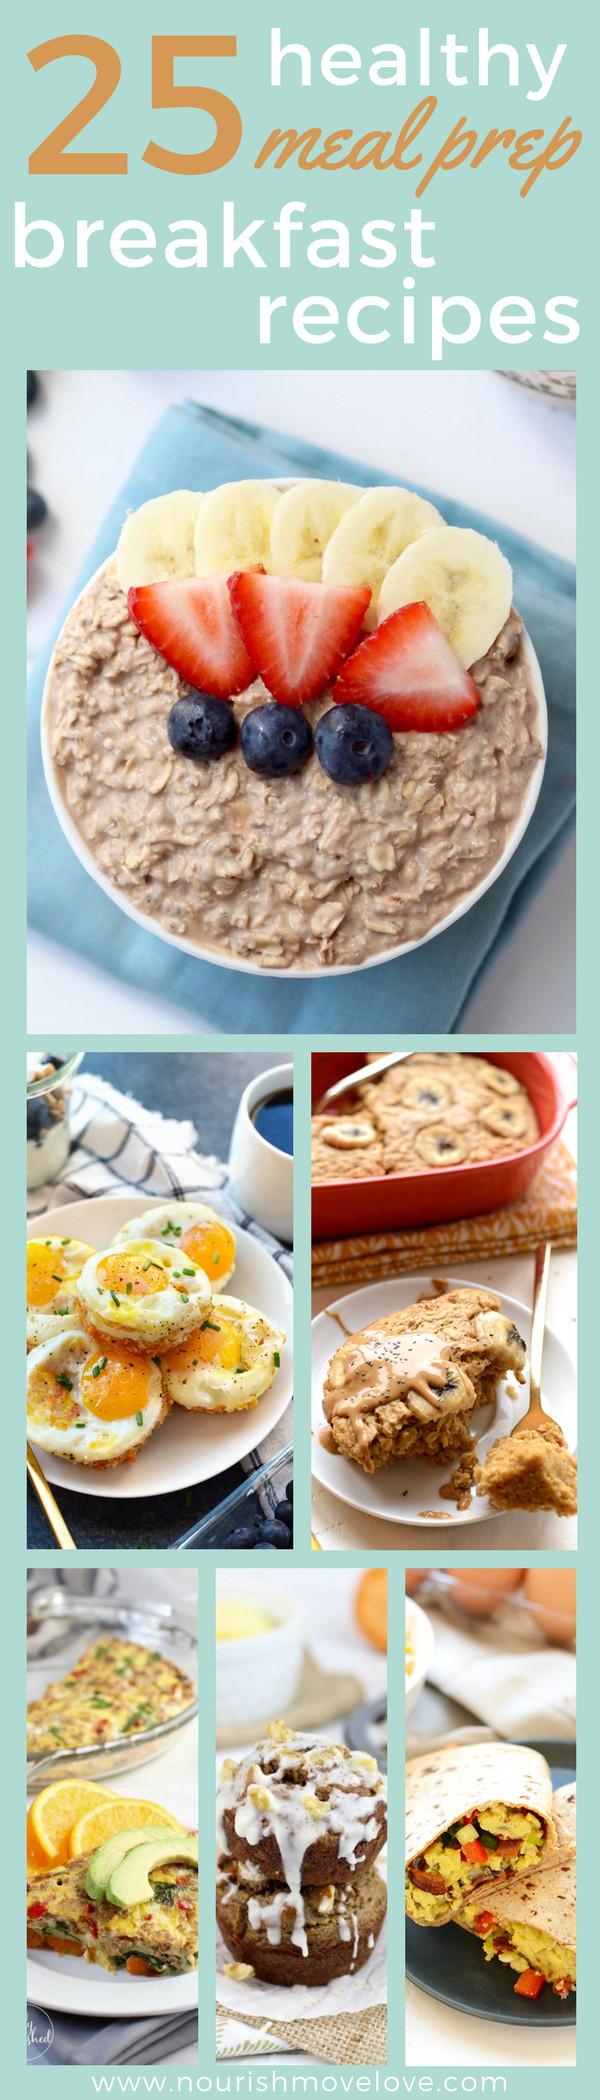 Healthy Breakfast Meal Prep  25 Healthy Meal Prep Breakfast Recipes